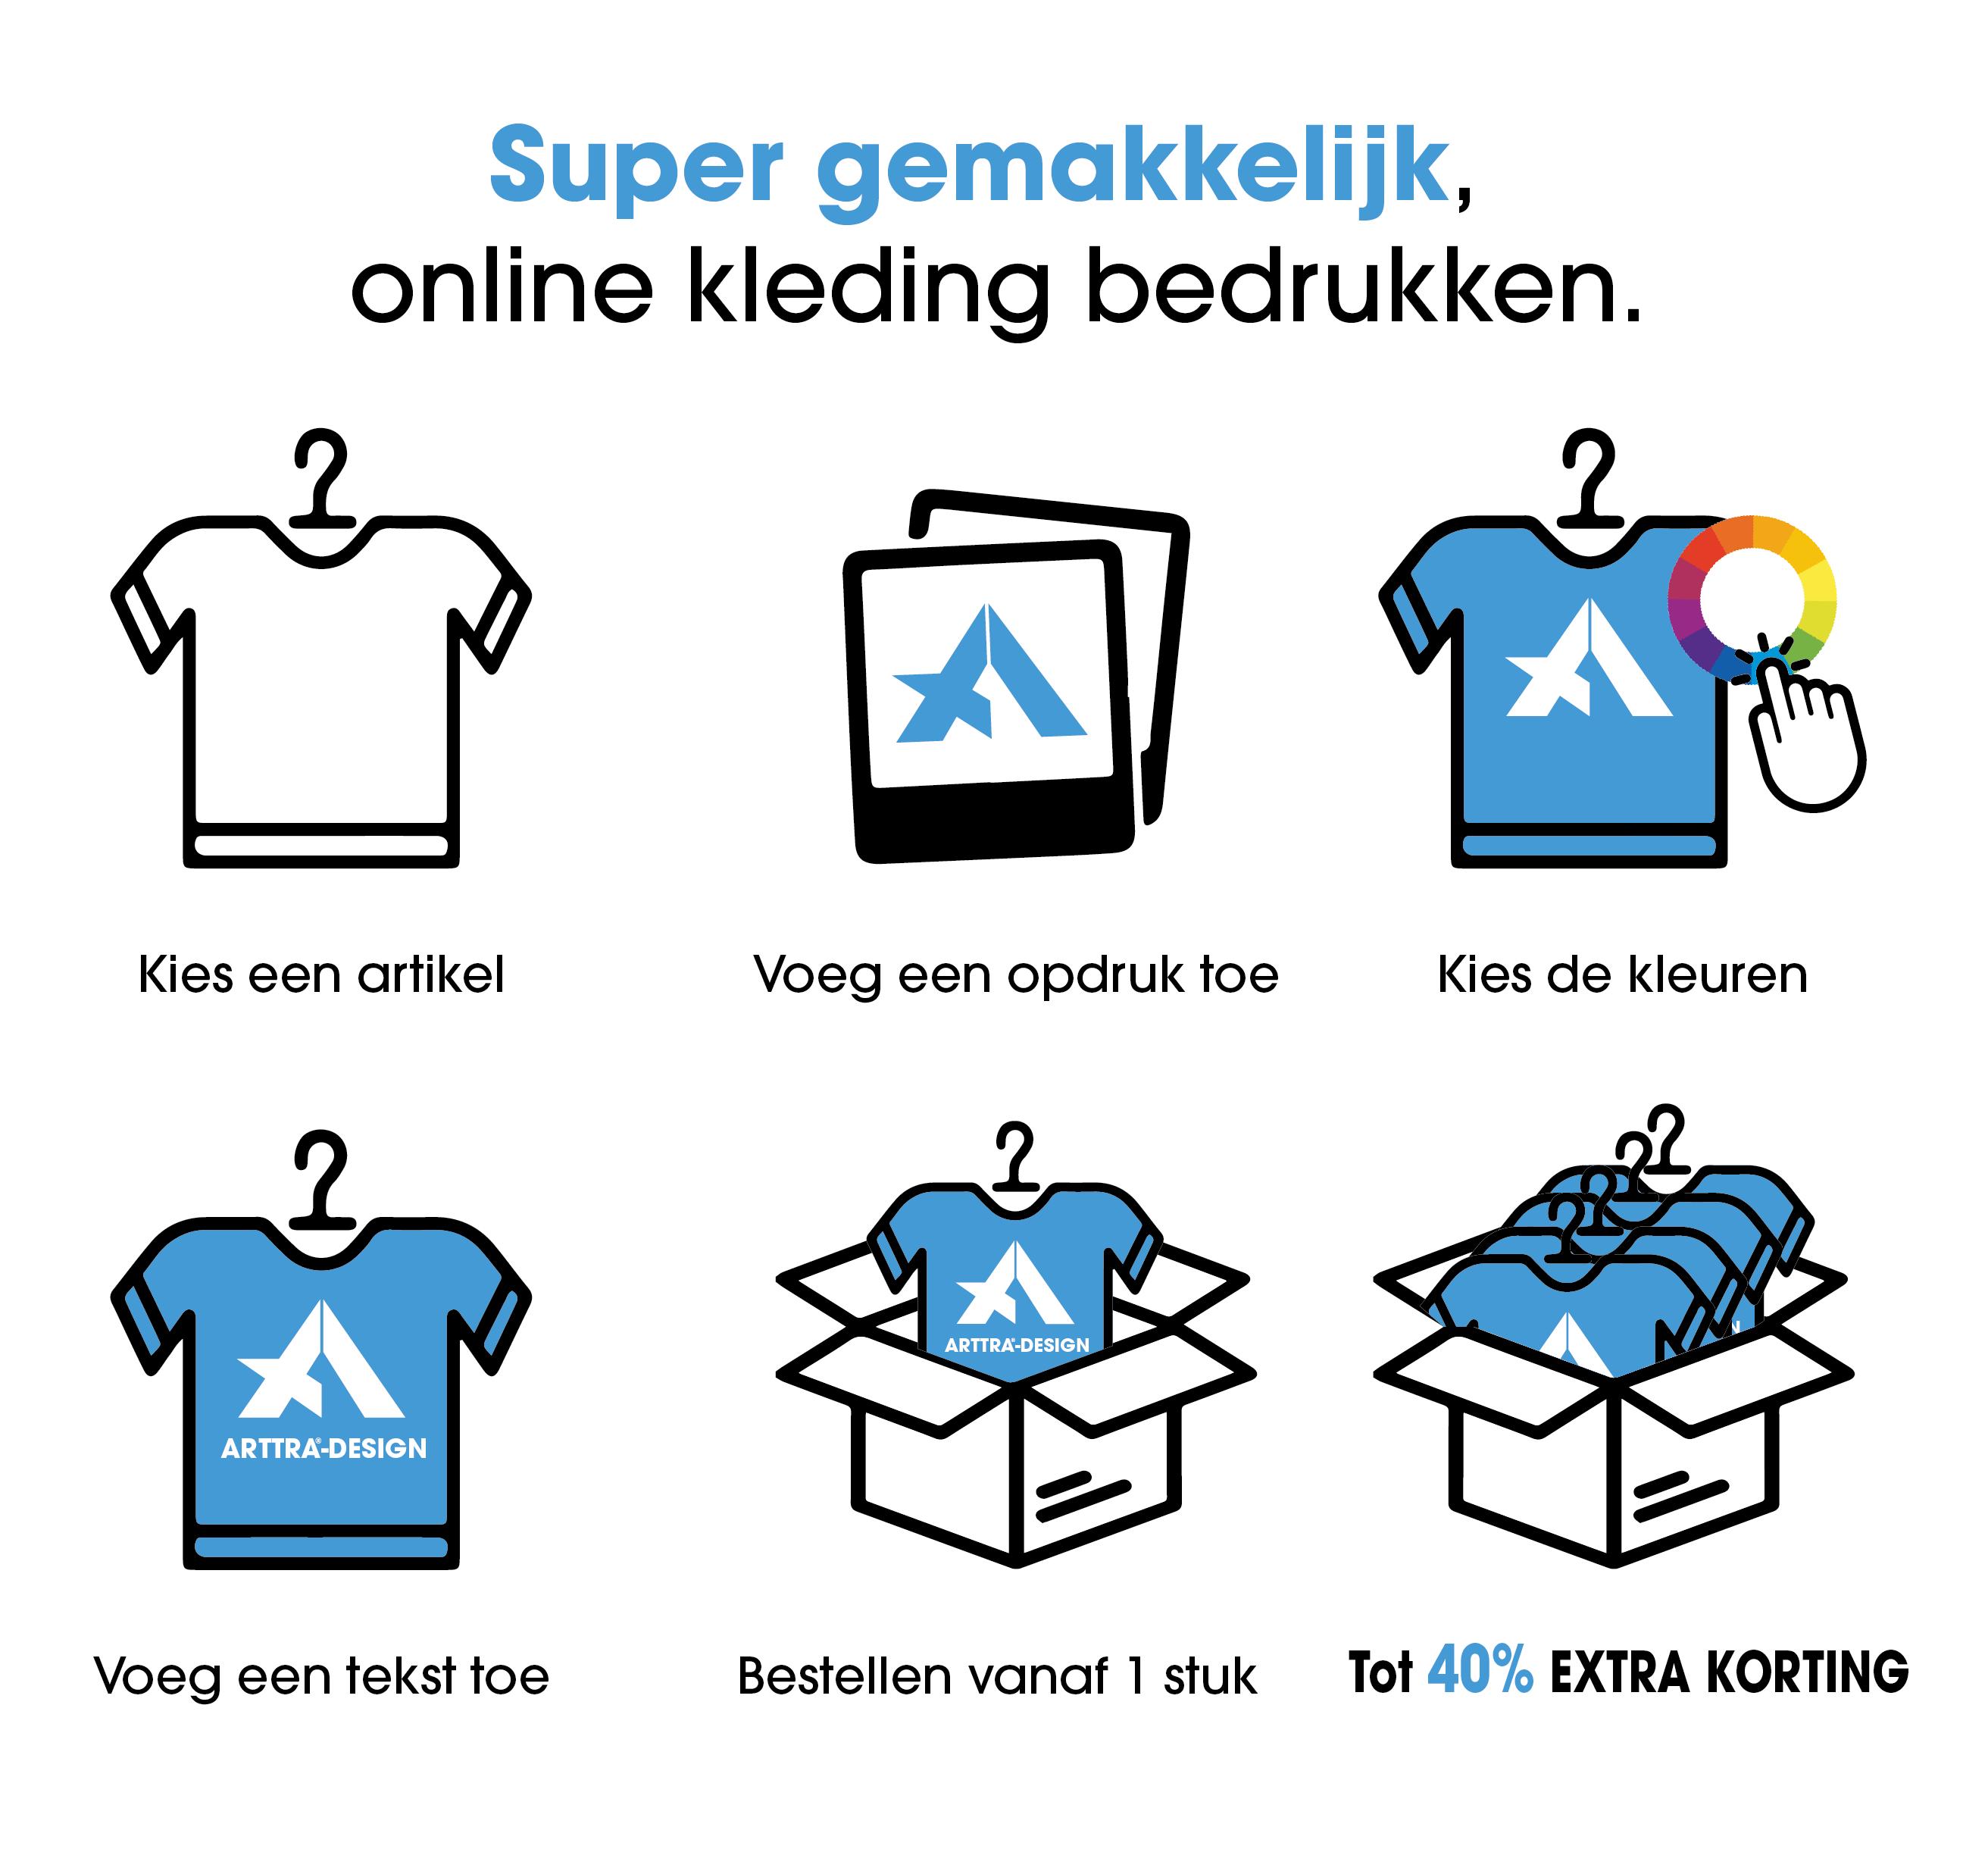 Online kleding bedrukken